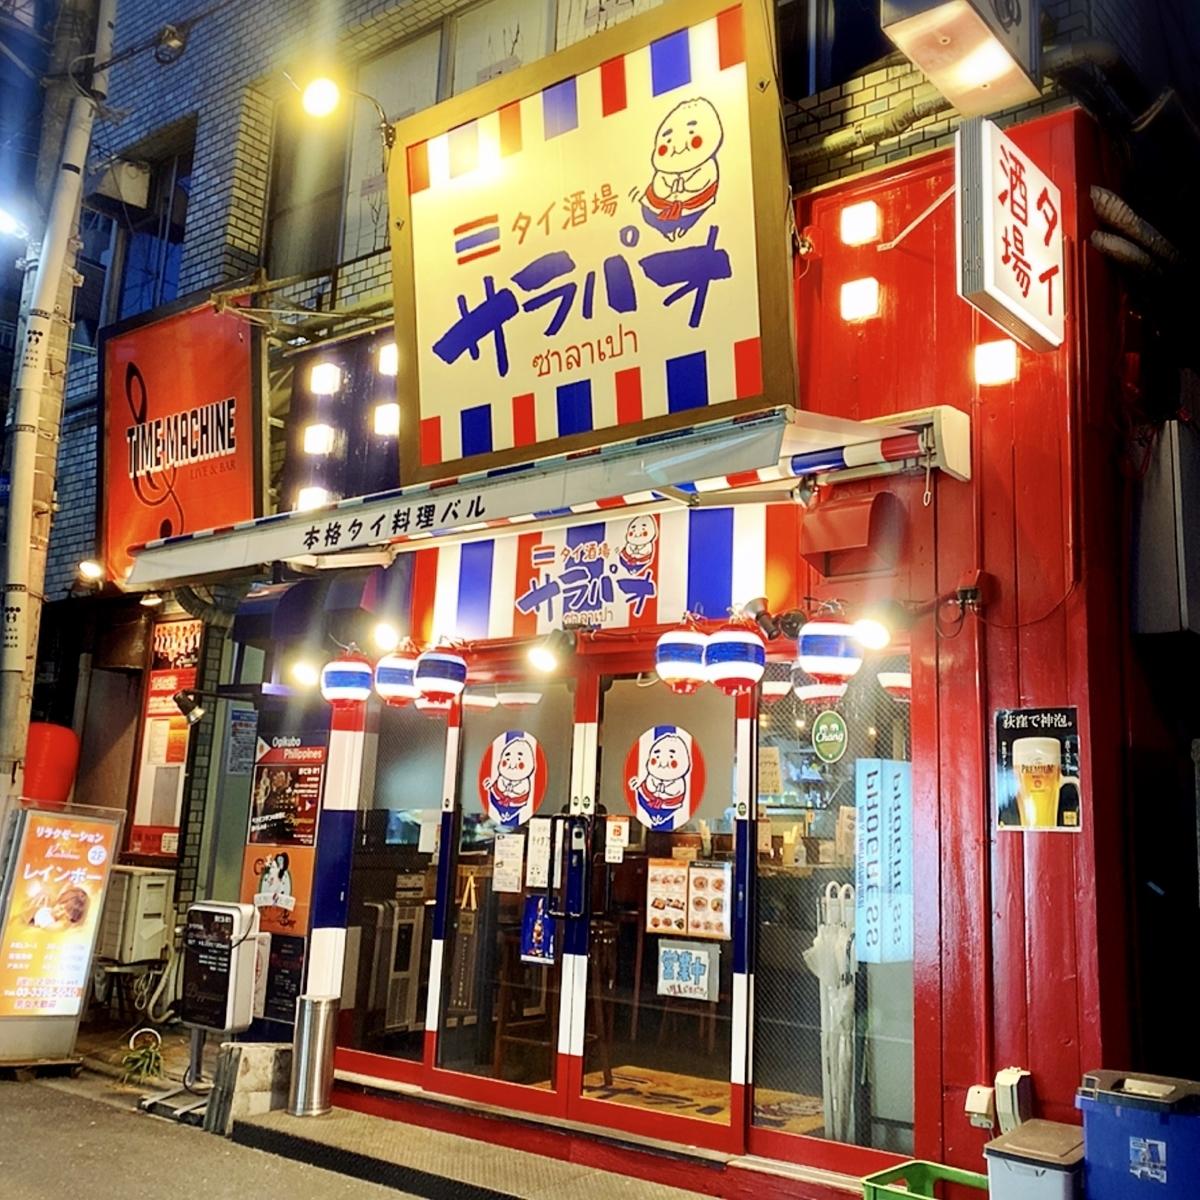 「タイ酒場 サラパオ 荻窪店」はデートから女子会にまでおすすめ!タイ料理好きは是非♪